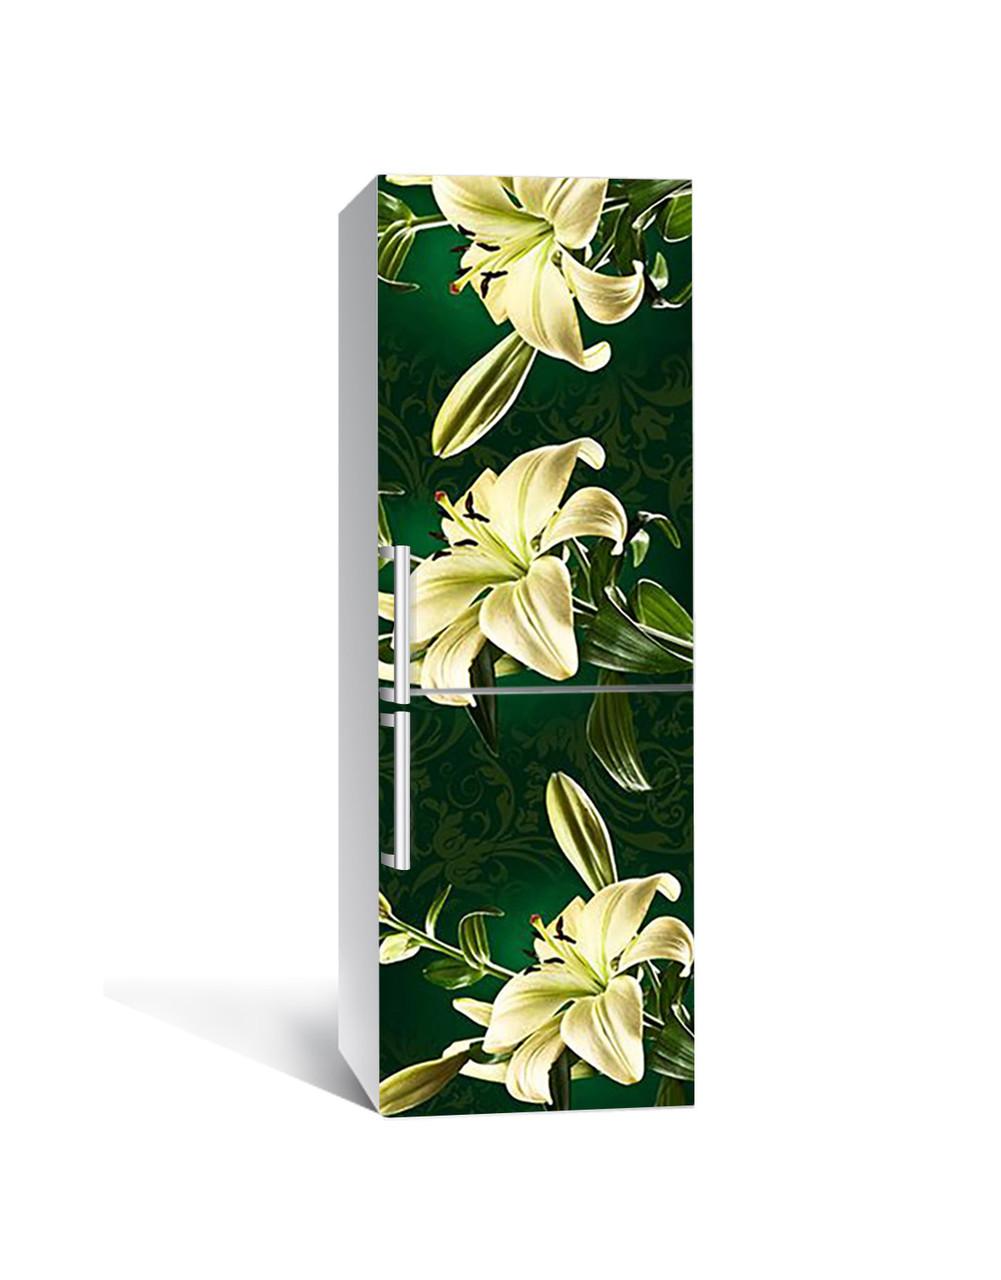 Виниловая 3Д наклейка на холодильник Бежевые Лилии (самоклеющаяся пленка ПВХ) Цветы Зеленый 650*2000 мм